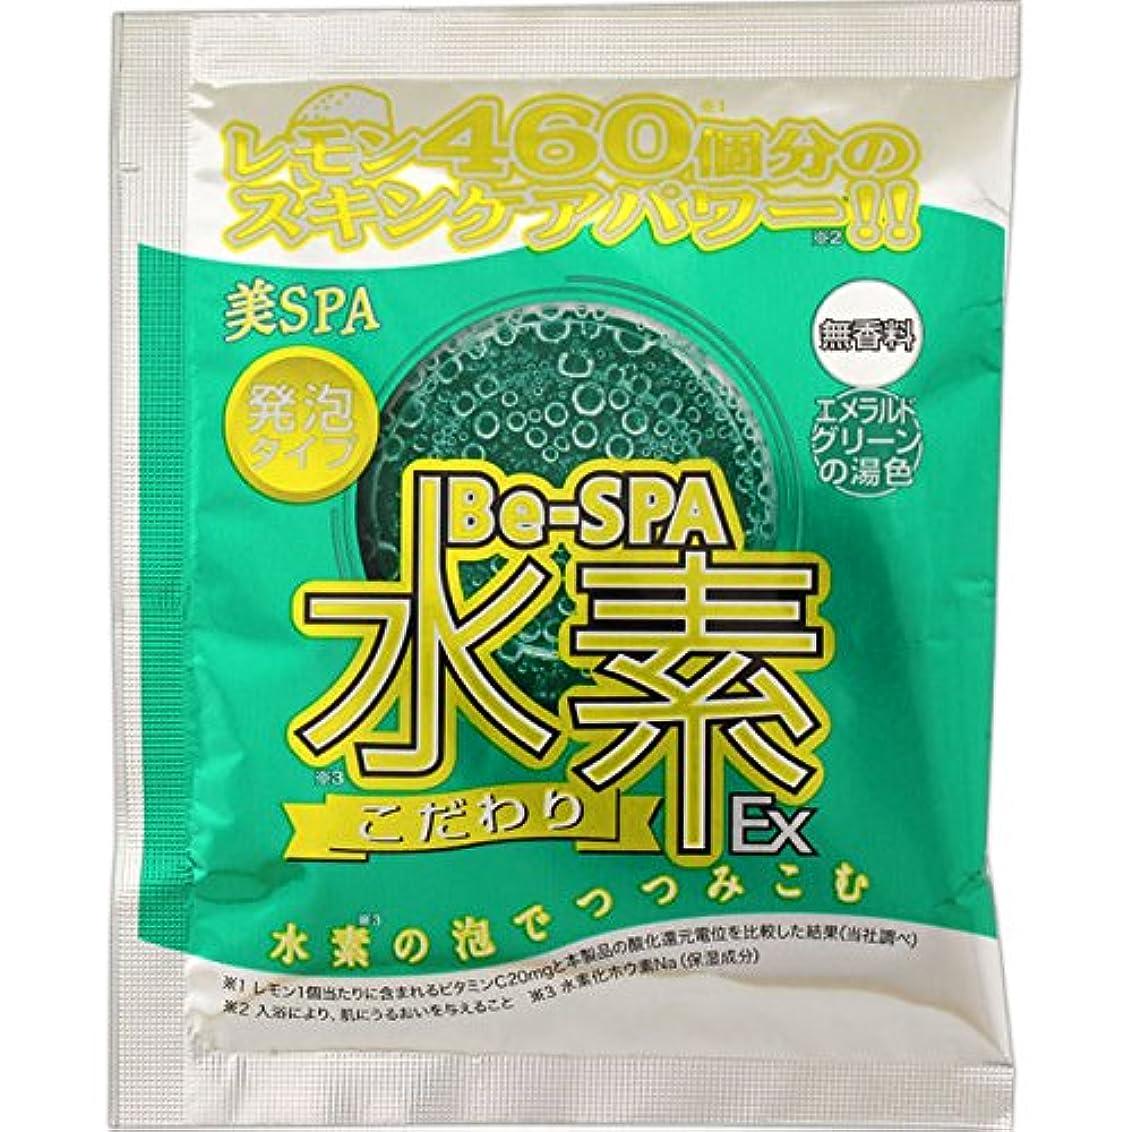 推測さらにきらきら日本生化学 美SPA水素EX エメラルドグリーンの湯色 25g